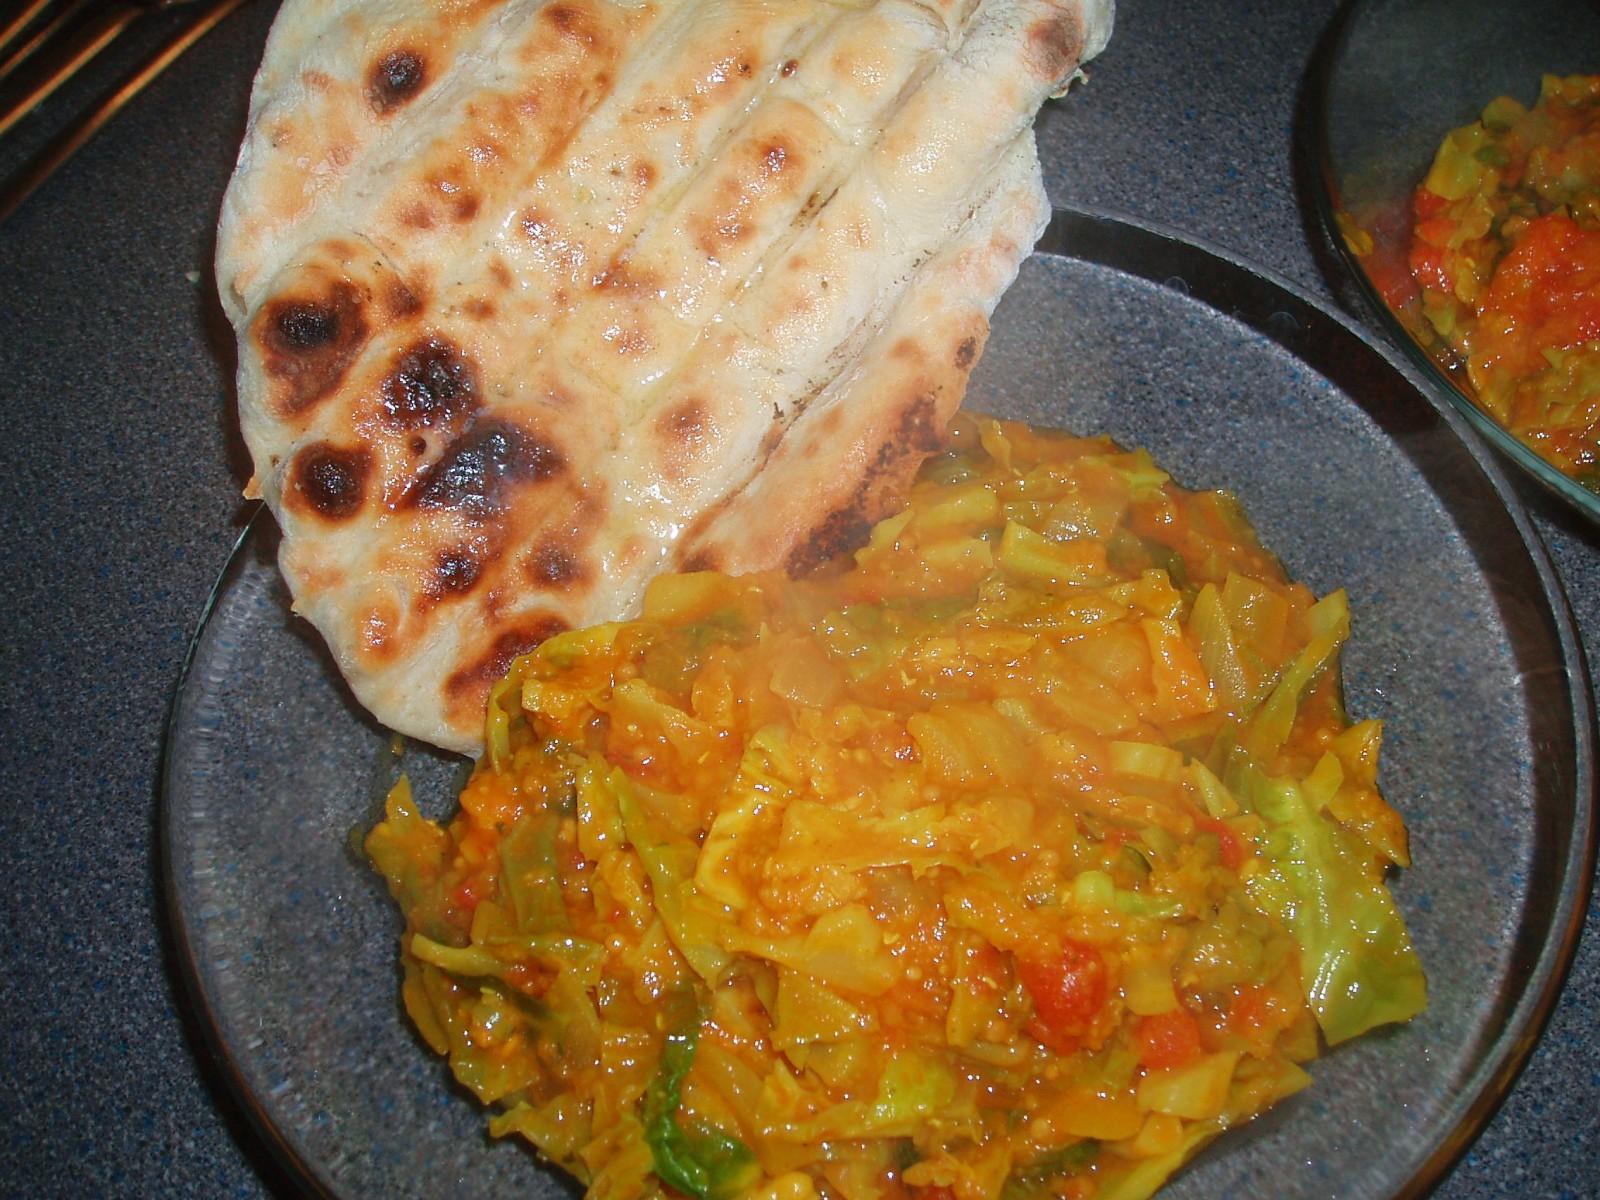 Spicy Cabbage, Lentils & Nan, 51p per serving